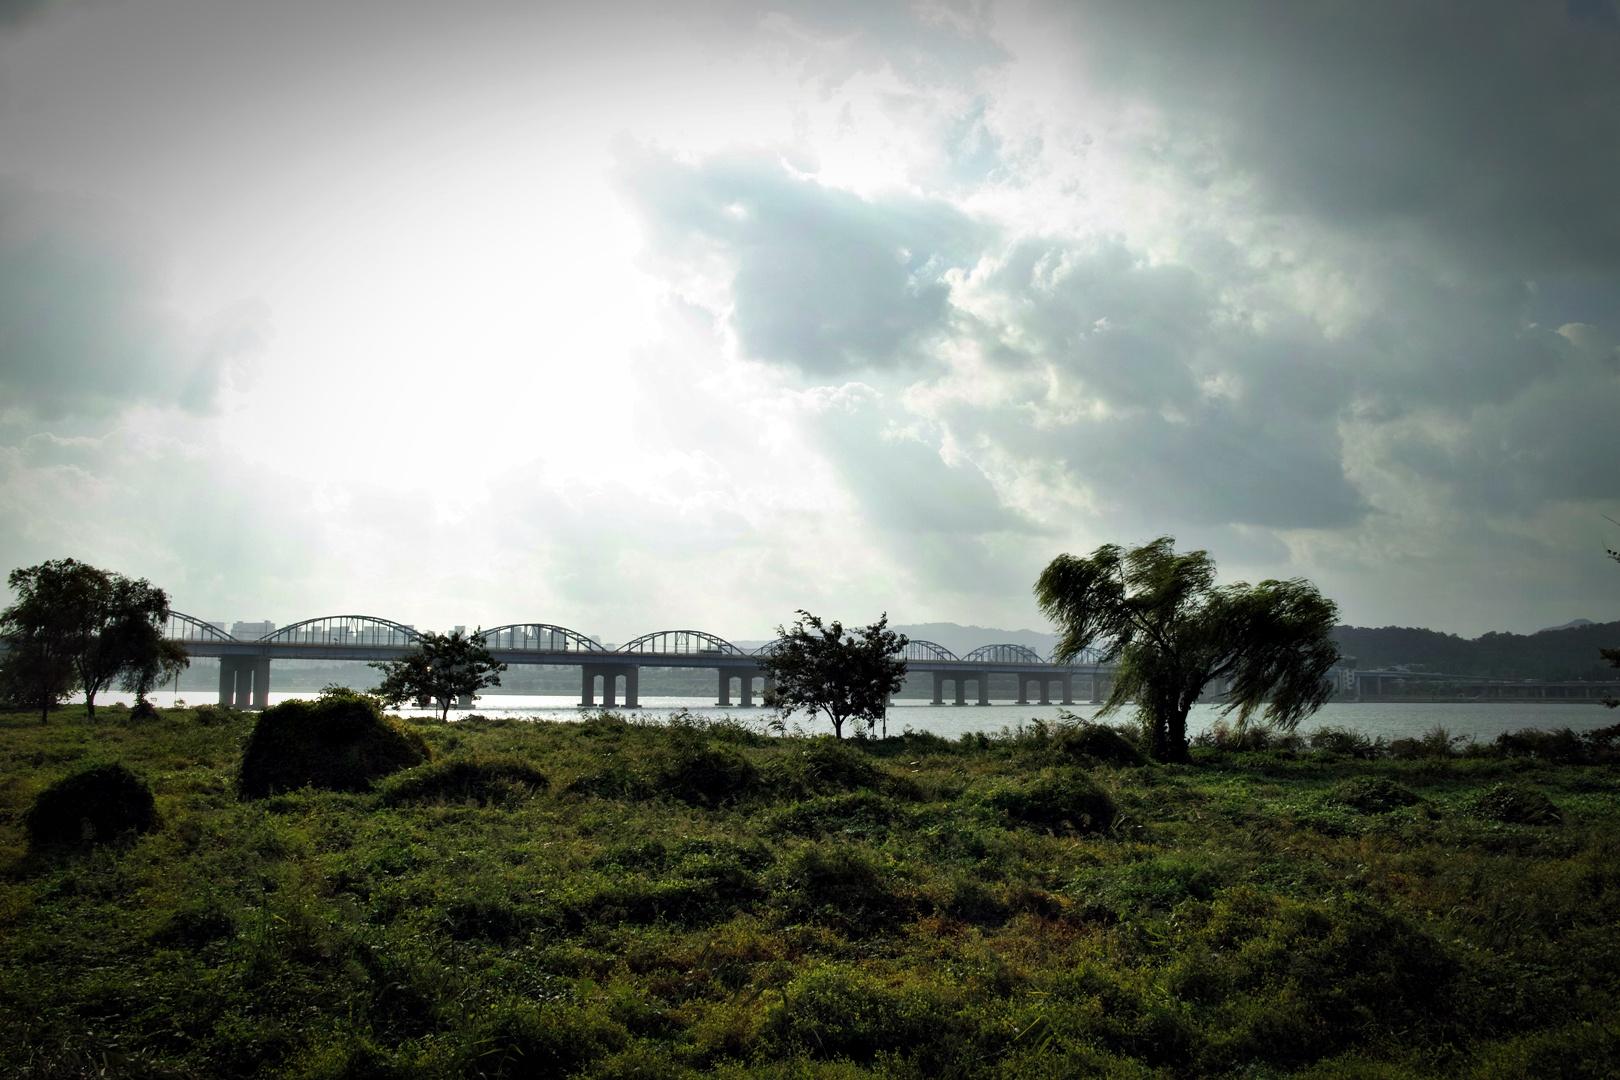 한강대교 부근-'용산-선릉 자전거 주행 정보'